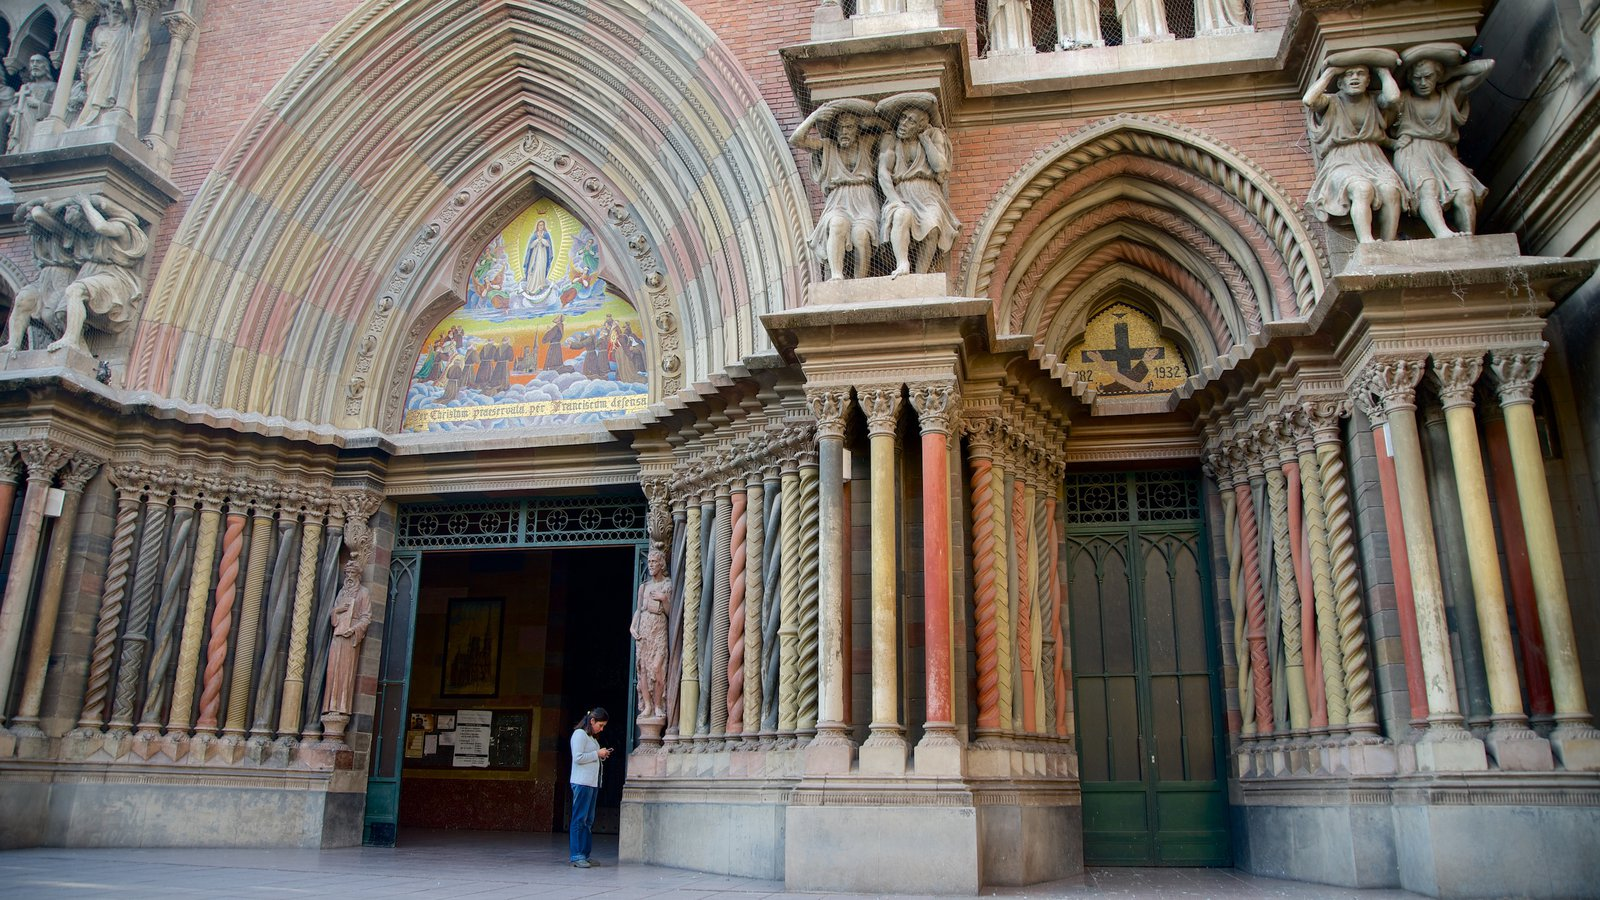 Iglesia del Sagrado Corazón que inclui uma igreja ou catedral, arquitetura de patrimônio e aspectos religiosos